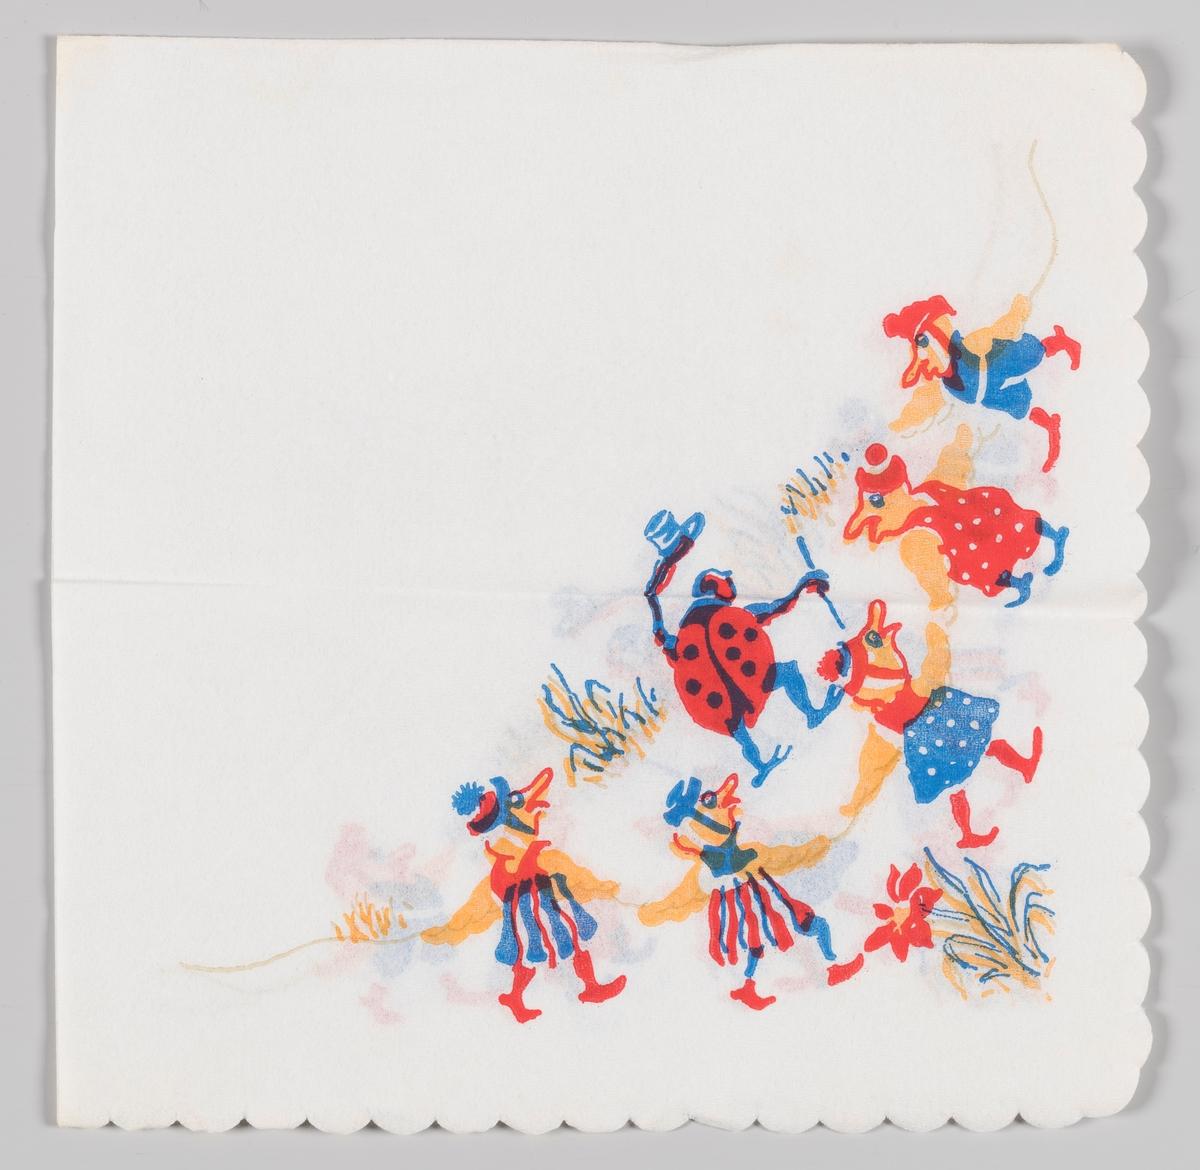 En mariehøne med hatt er omgitt av fem figurer med kjoler mellom gress og blomster.